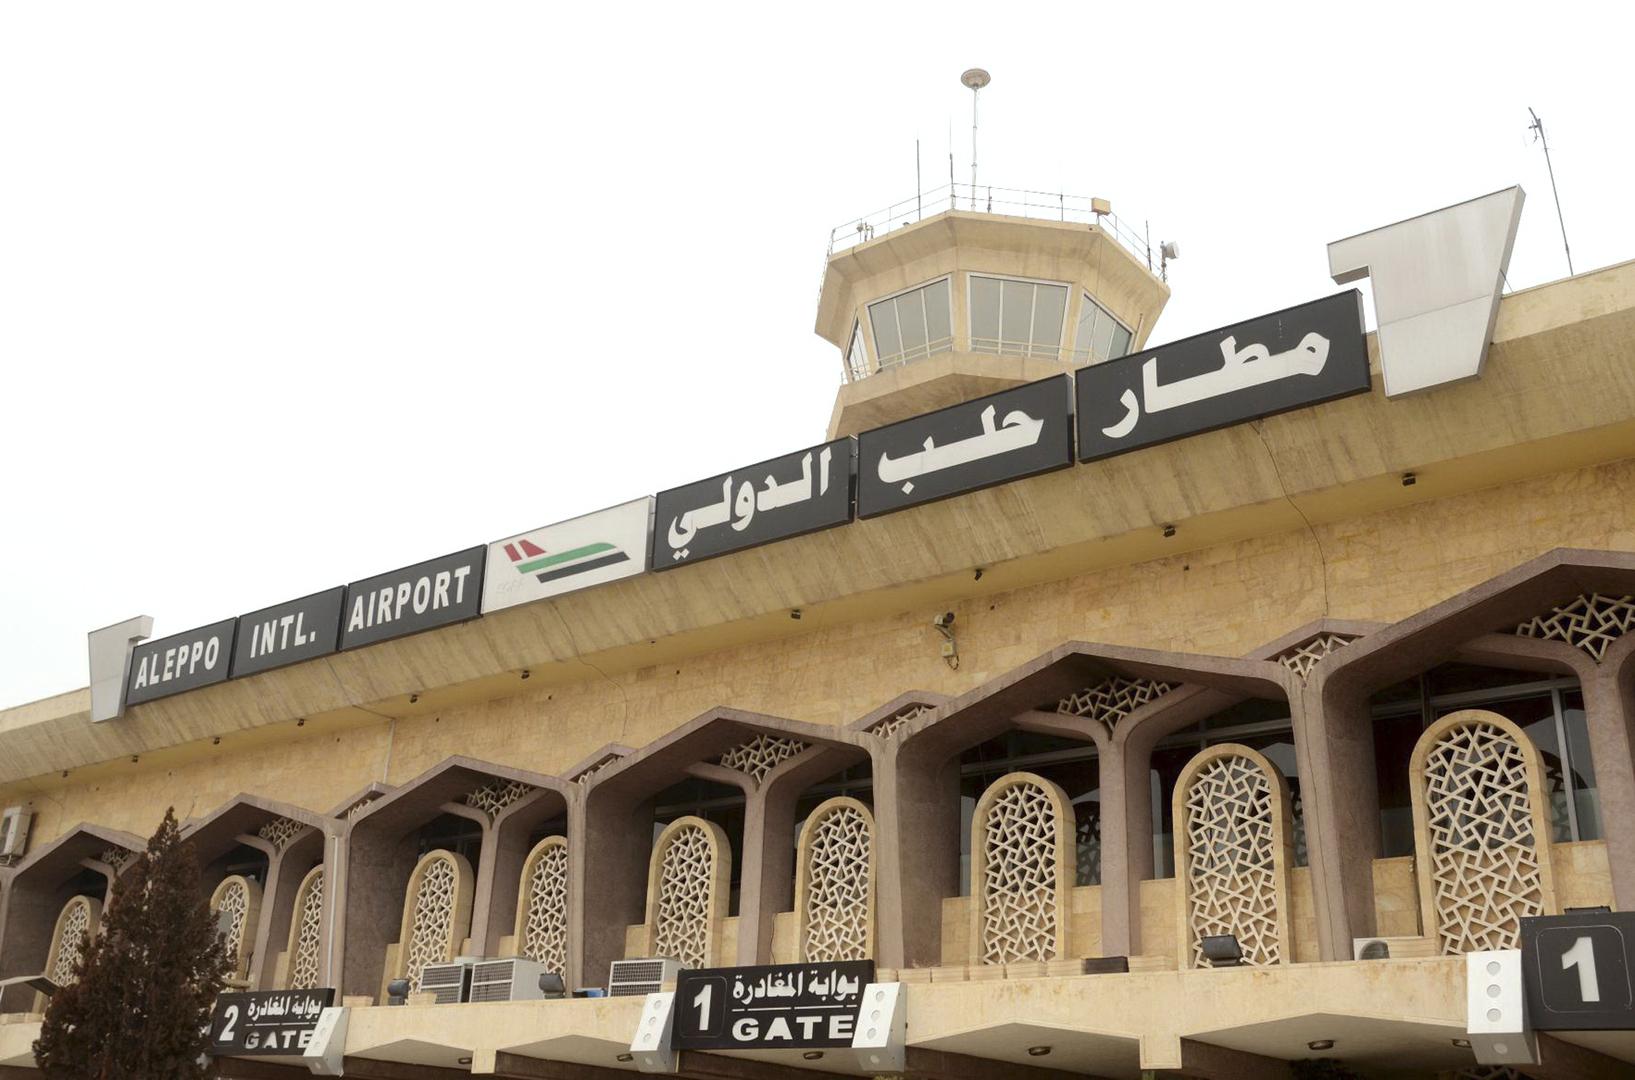 وزير النقل السوري يعلن استئناف تشغيل مطار حلب الدولي وبرمجة رحلات منه إلى القاهرة